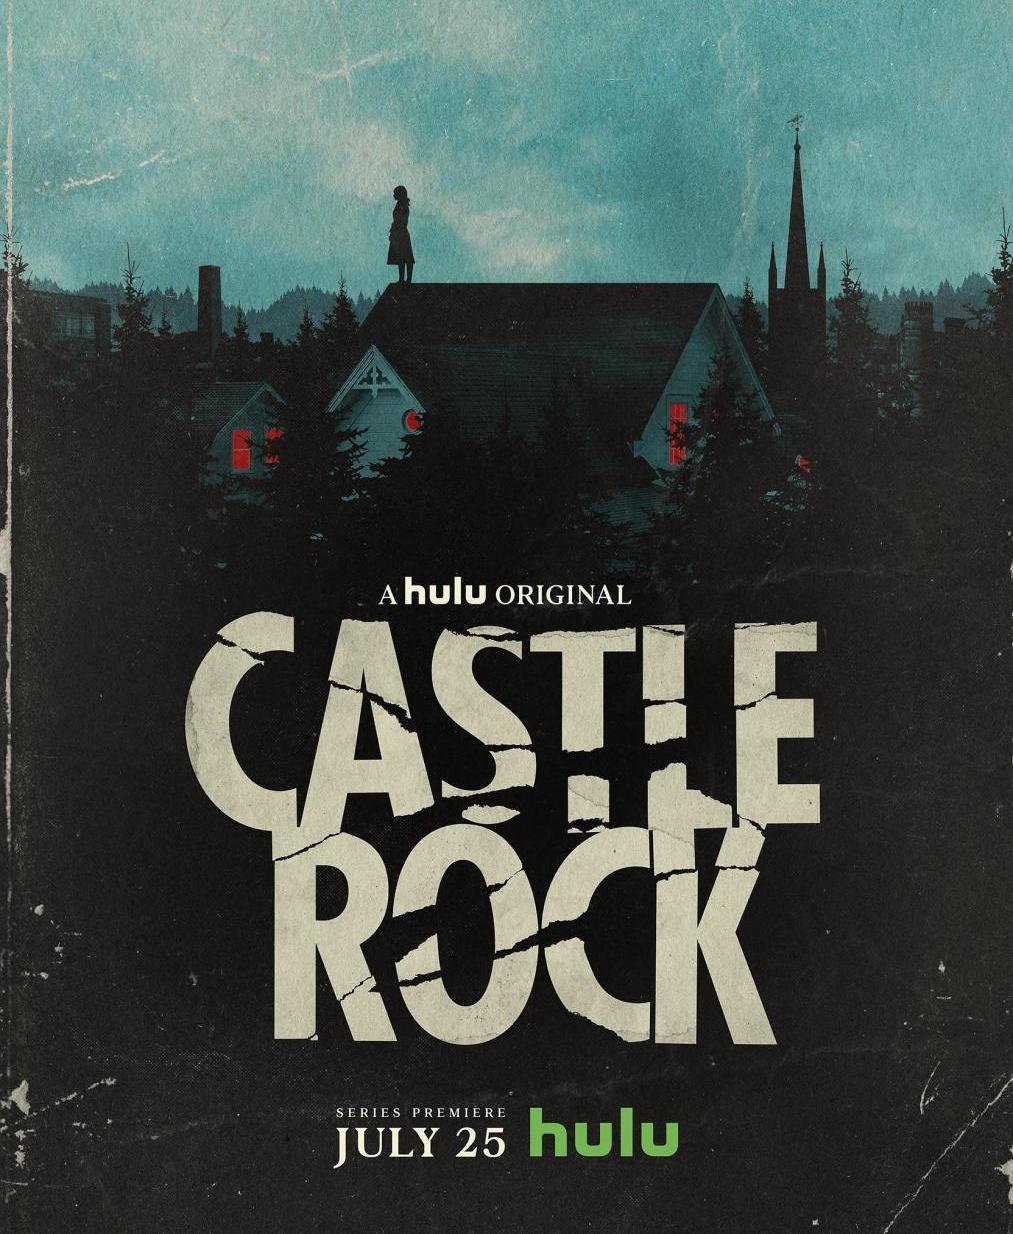 Pop Disciple Castle Rock Stephen King J.J. Abrams Thomas Newman Chris Westlake